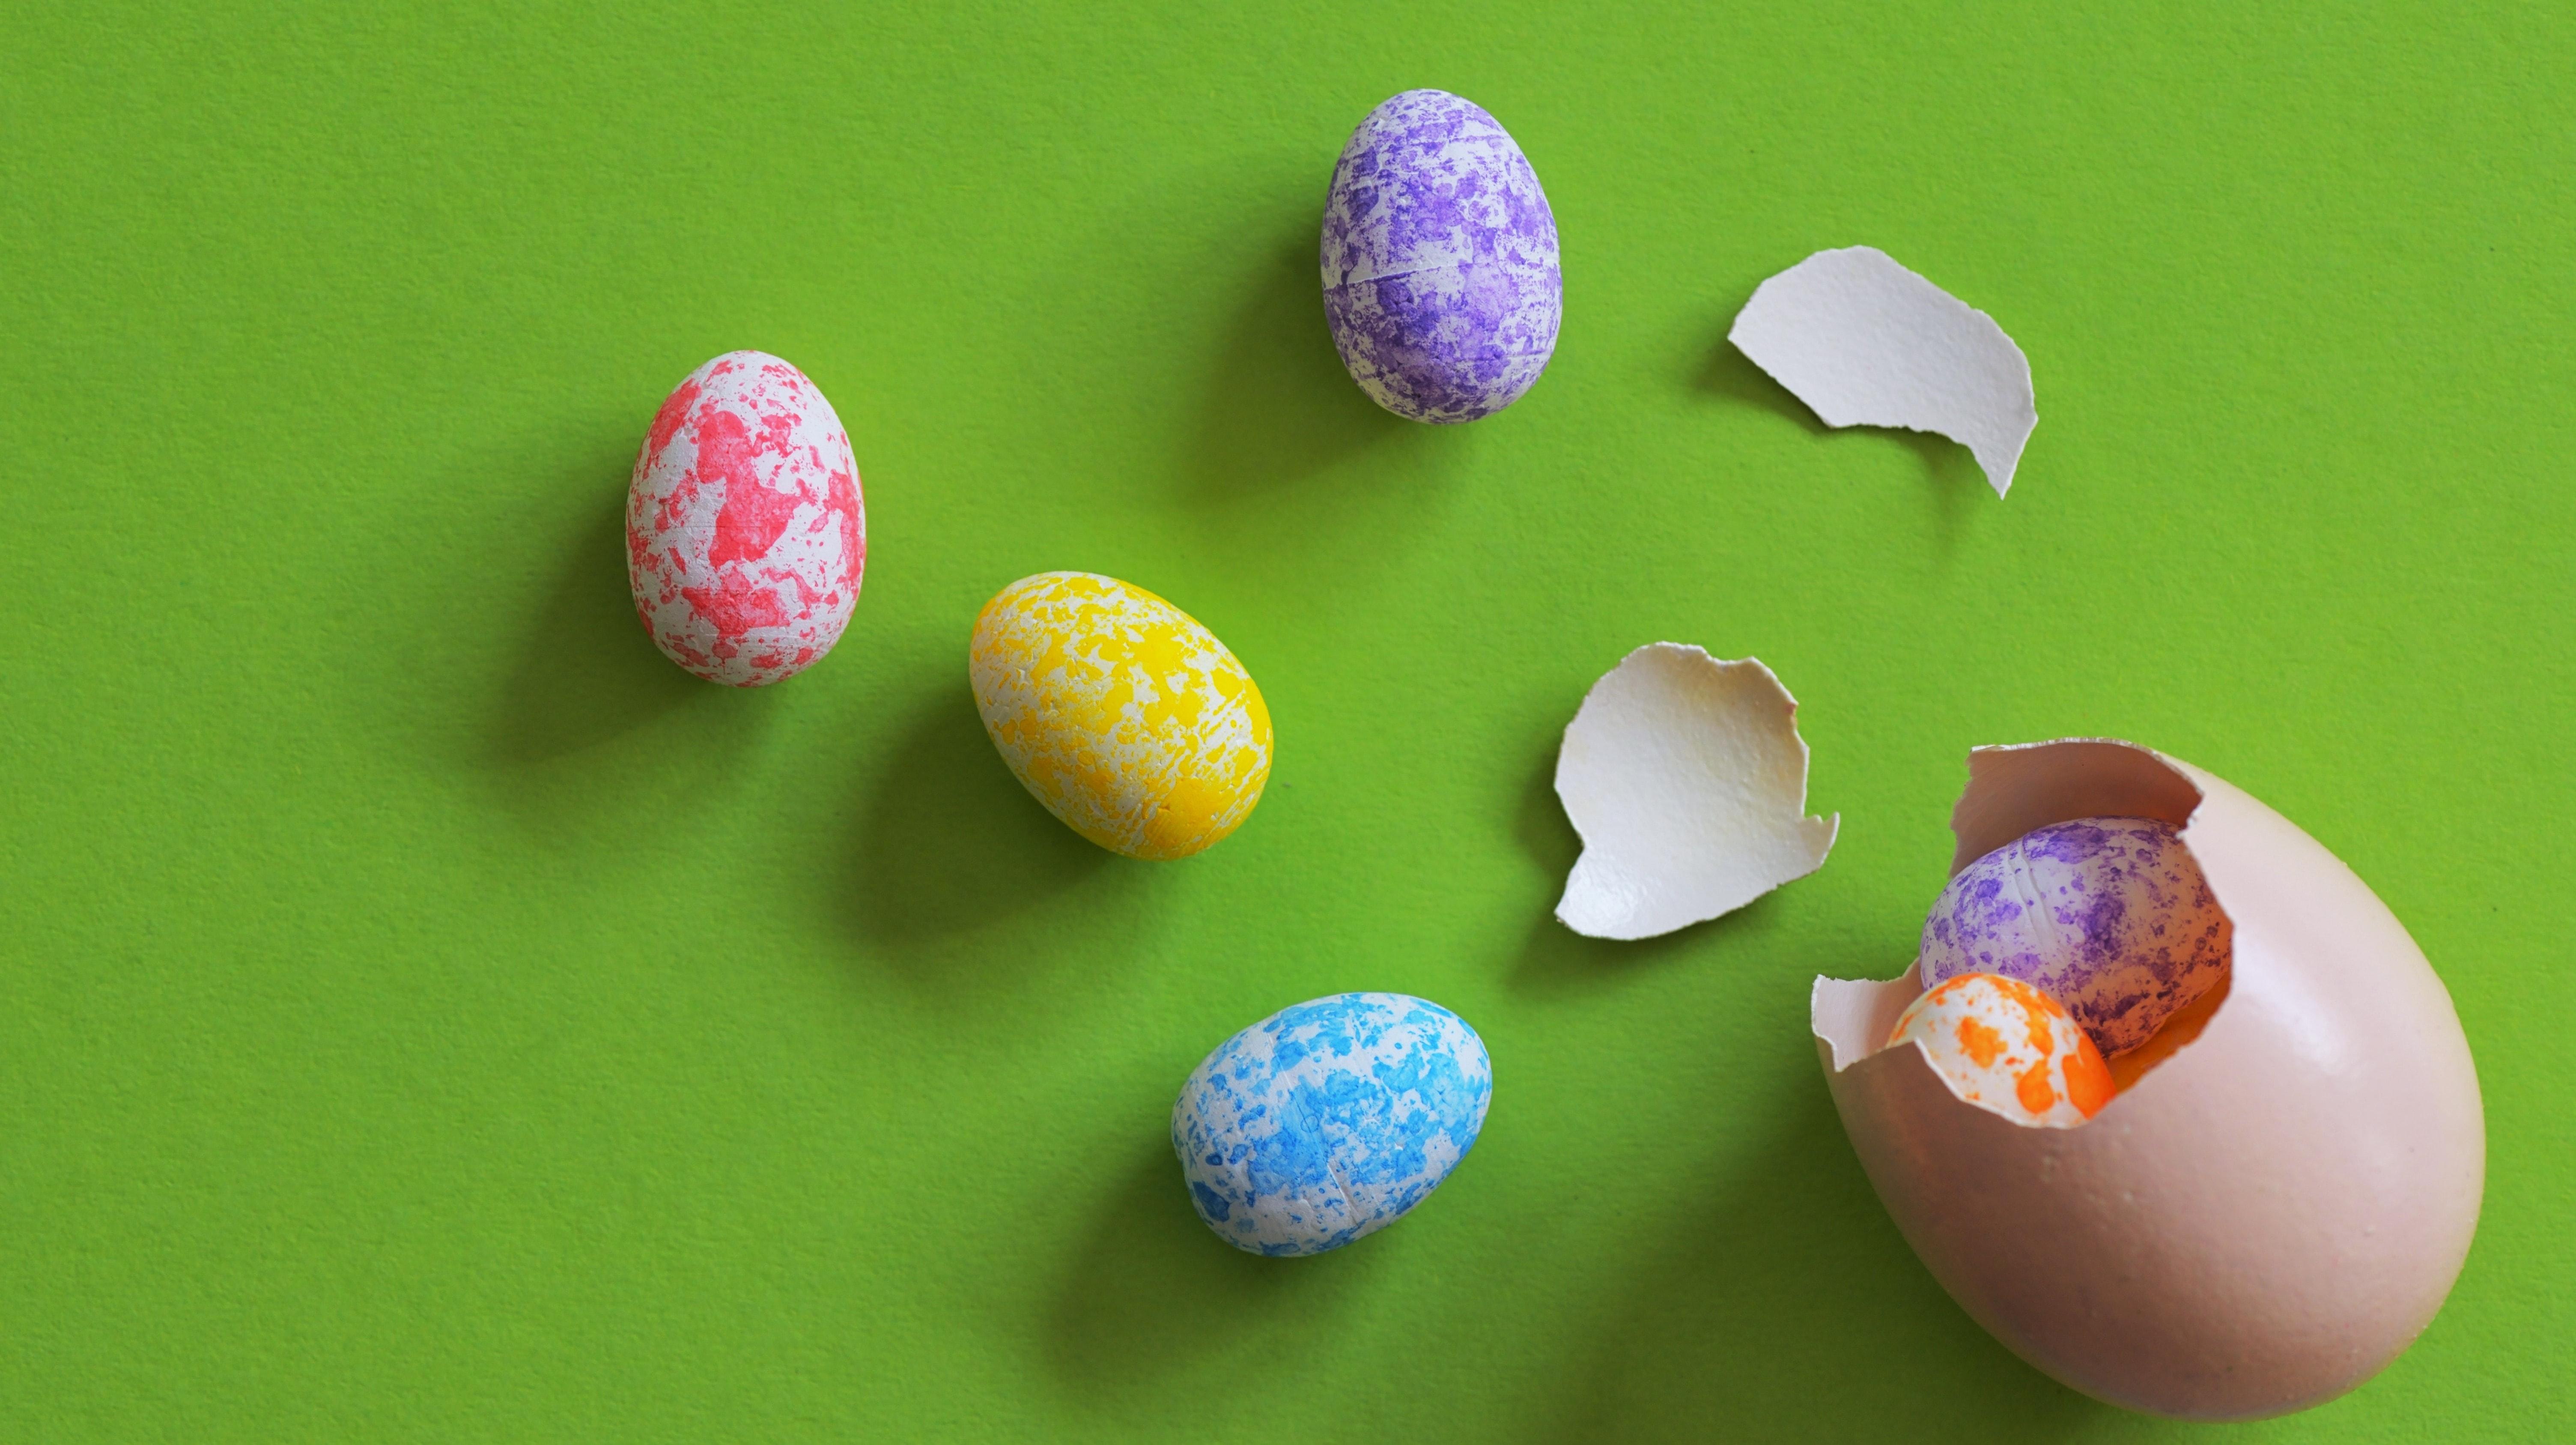 In Finnland gibt es zu Ostern echte Hühnereier, die mit Schokolade gefüllt sind